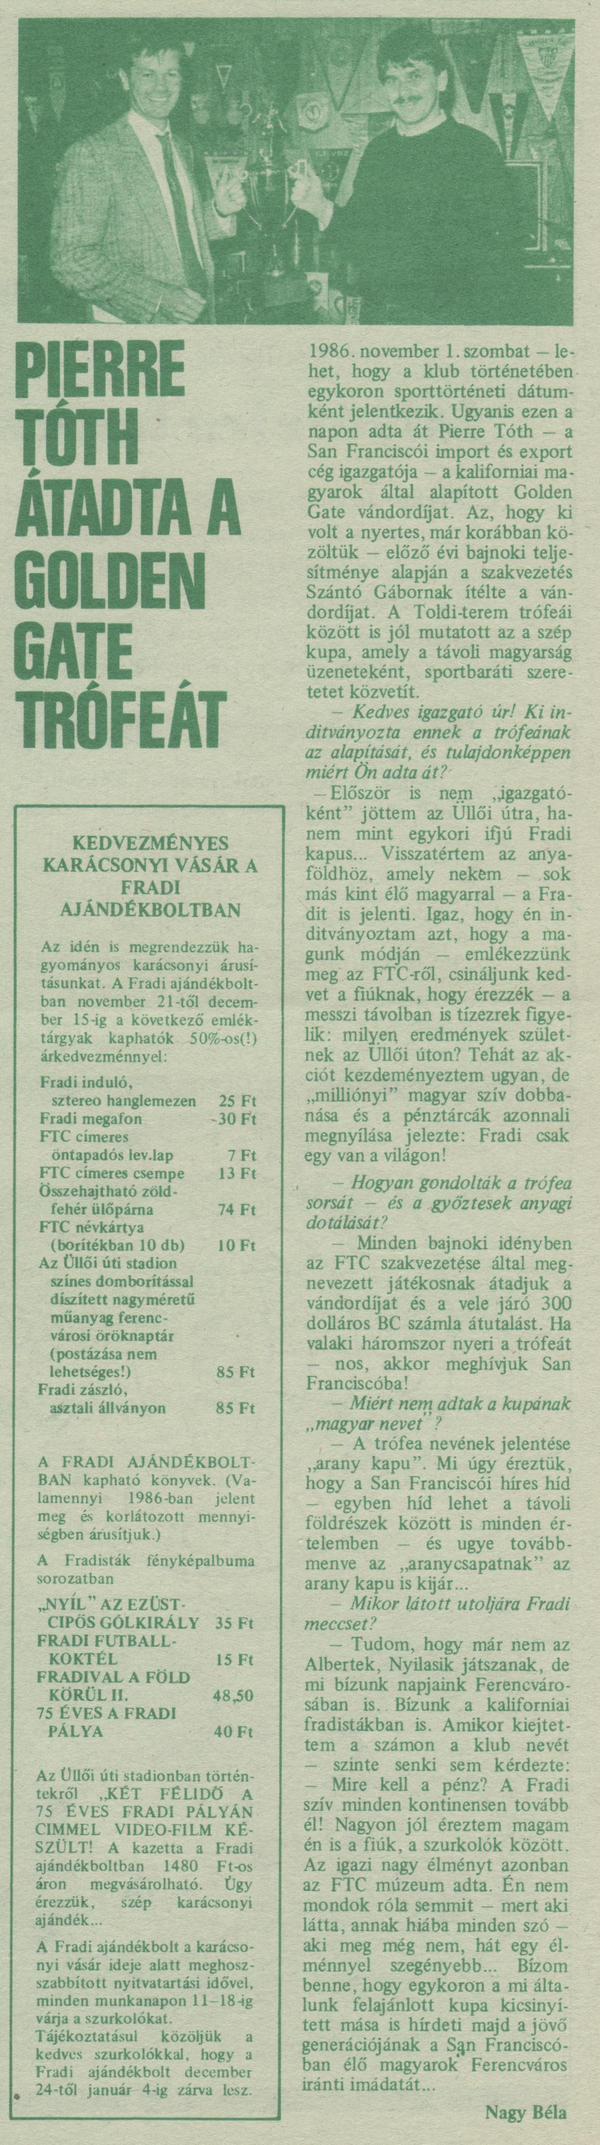 TFU_19861122_Fml_000 - 0003